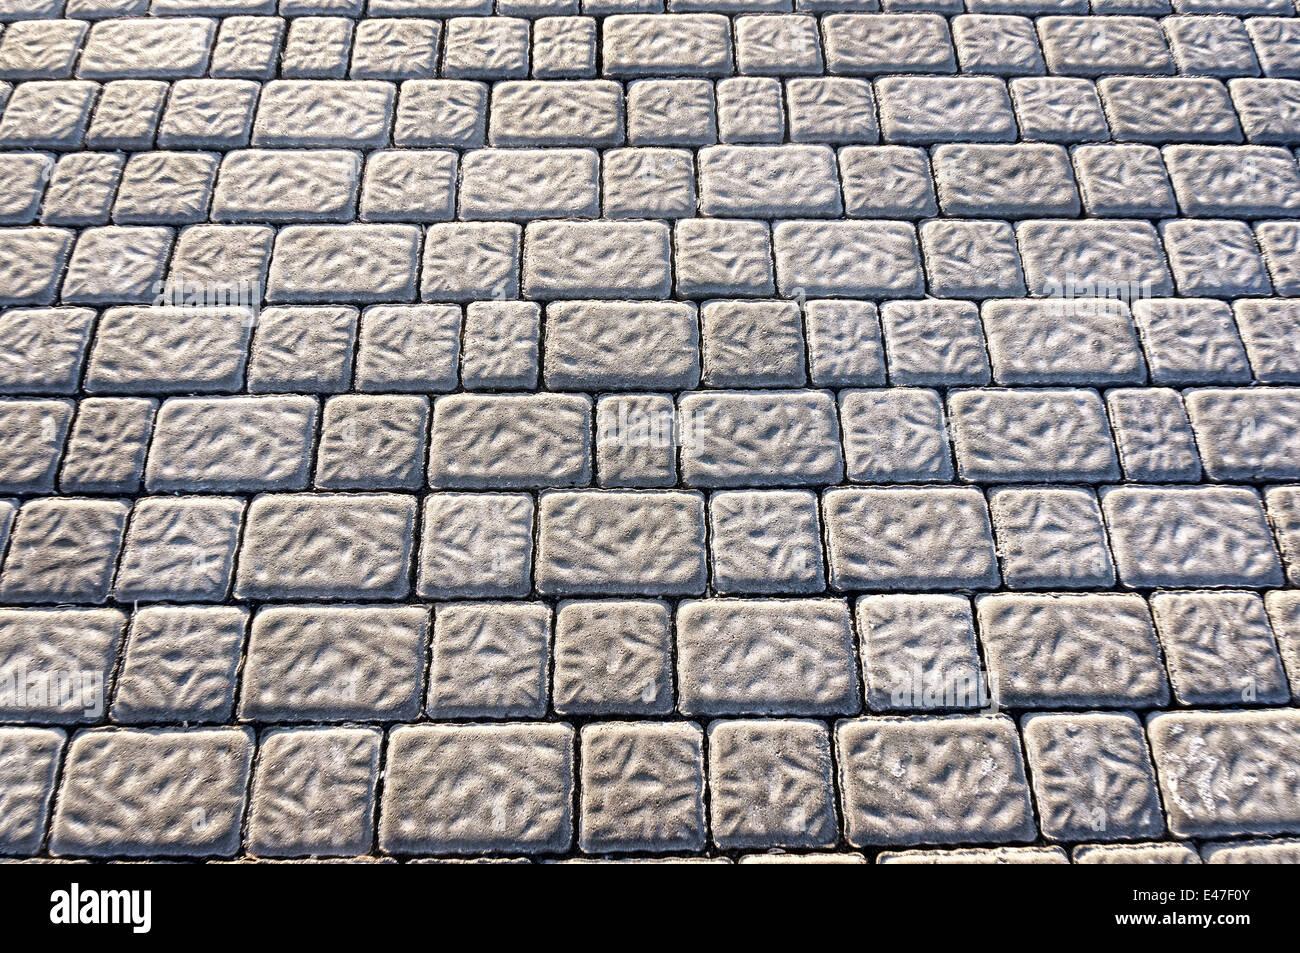 Hintergrund Mit Bodenfliesen Granit Pflastersteine Stockfoto Bild